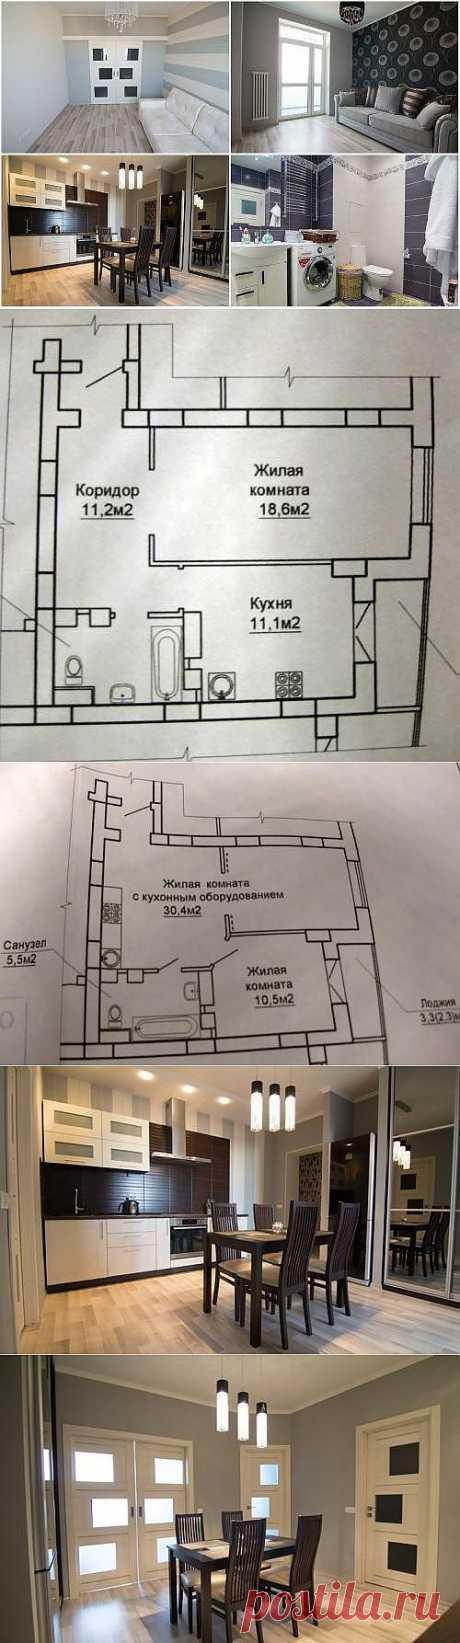 Перепланировка однокомнатной квартиры в двухкомнатную. Чертеж